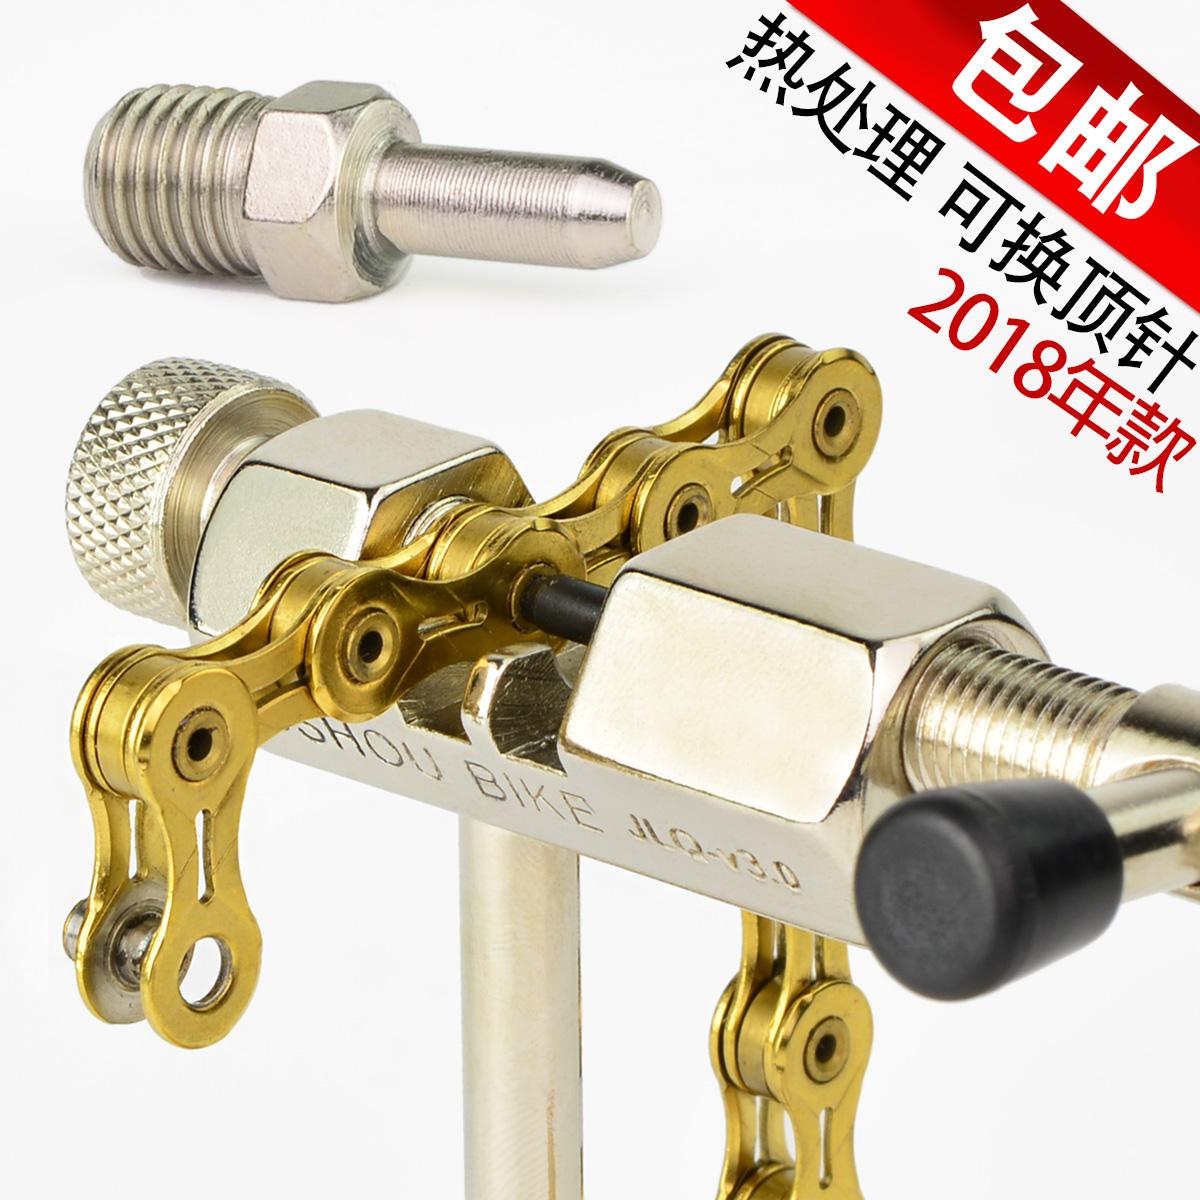 Велосипед вырезать цепь горный велосипед инструмент шоссе автомобиль неубирающиеся цепь разборка инструмент демонтировать цепь борьба цепь наперсток